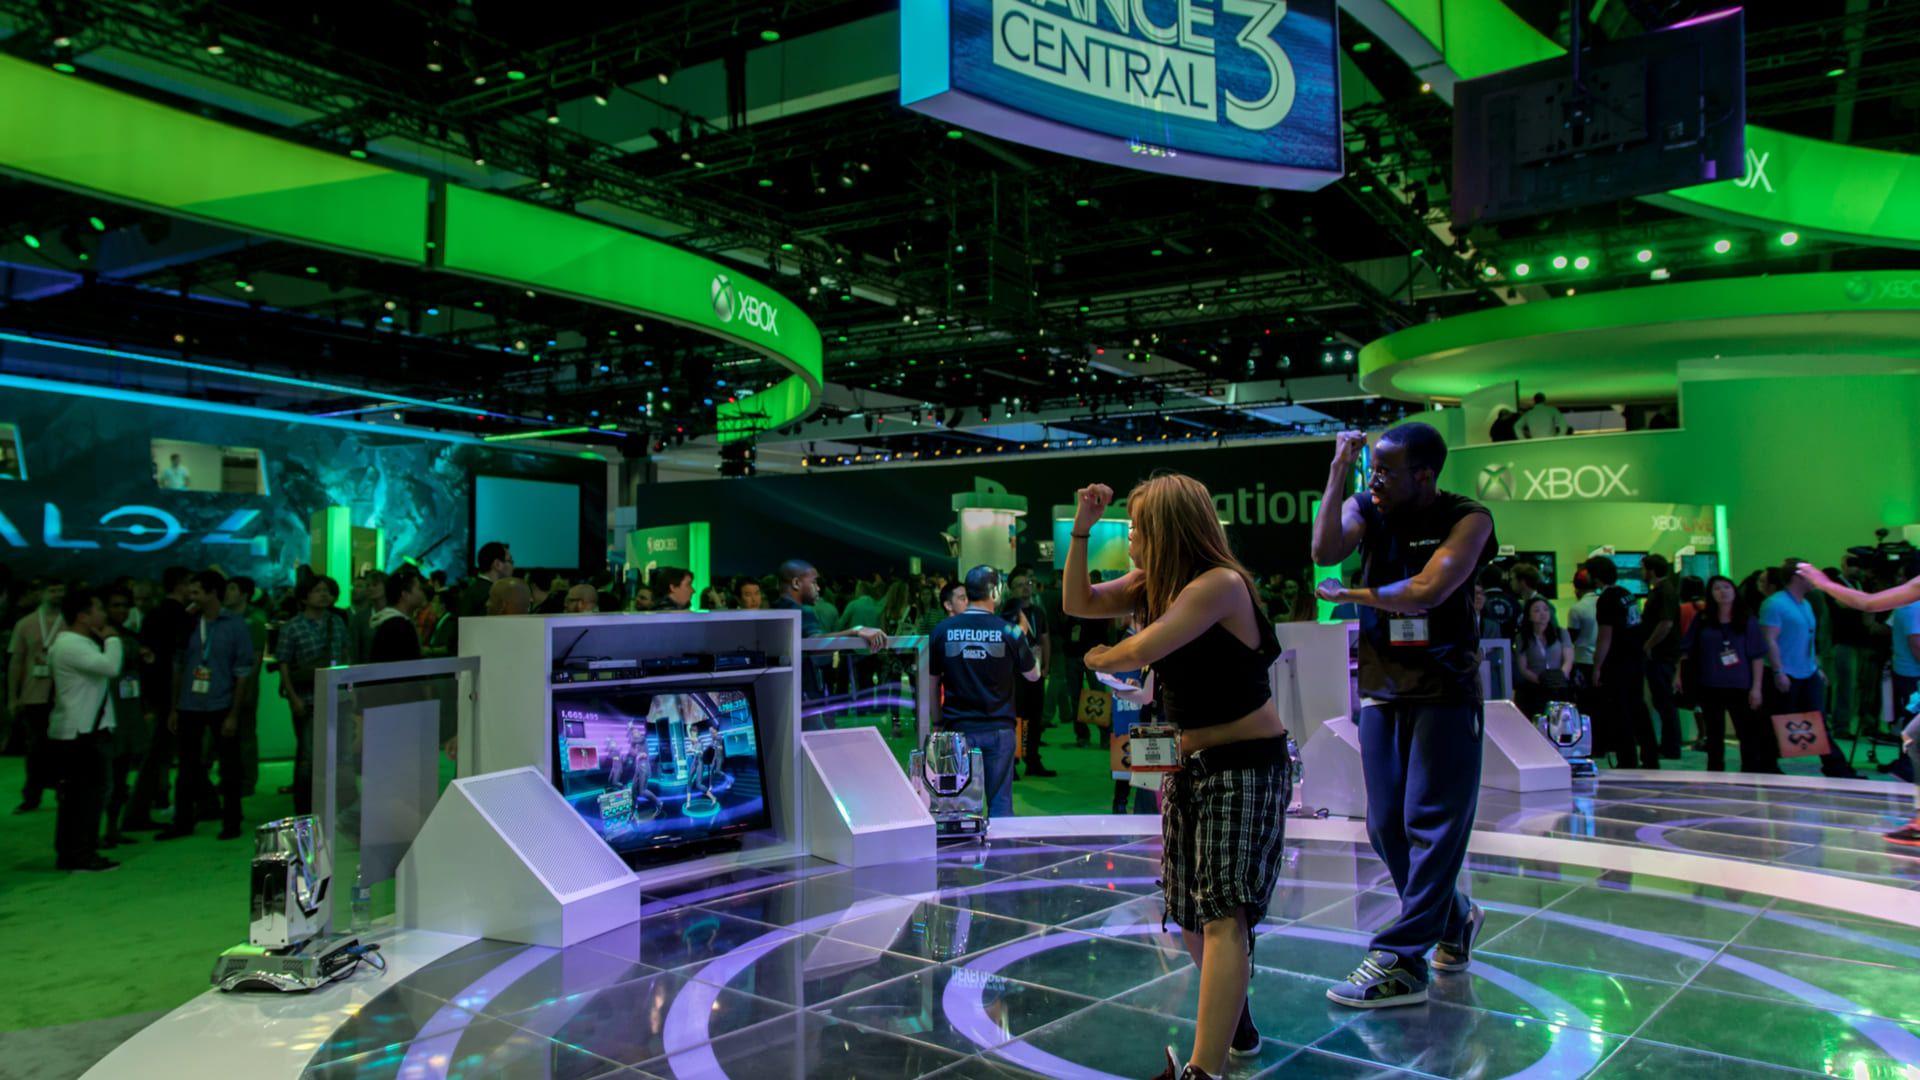 Transforme sua sala em uma pista de dança com o Kinect (Foto: Divulgação/Shutterstock)